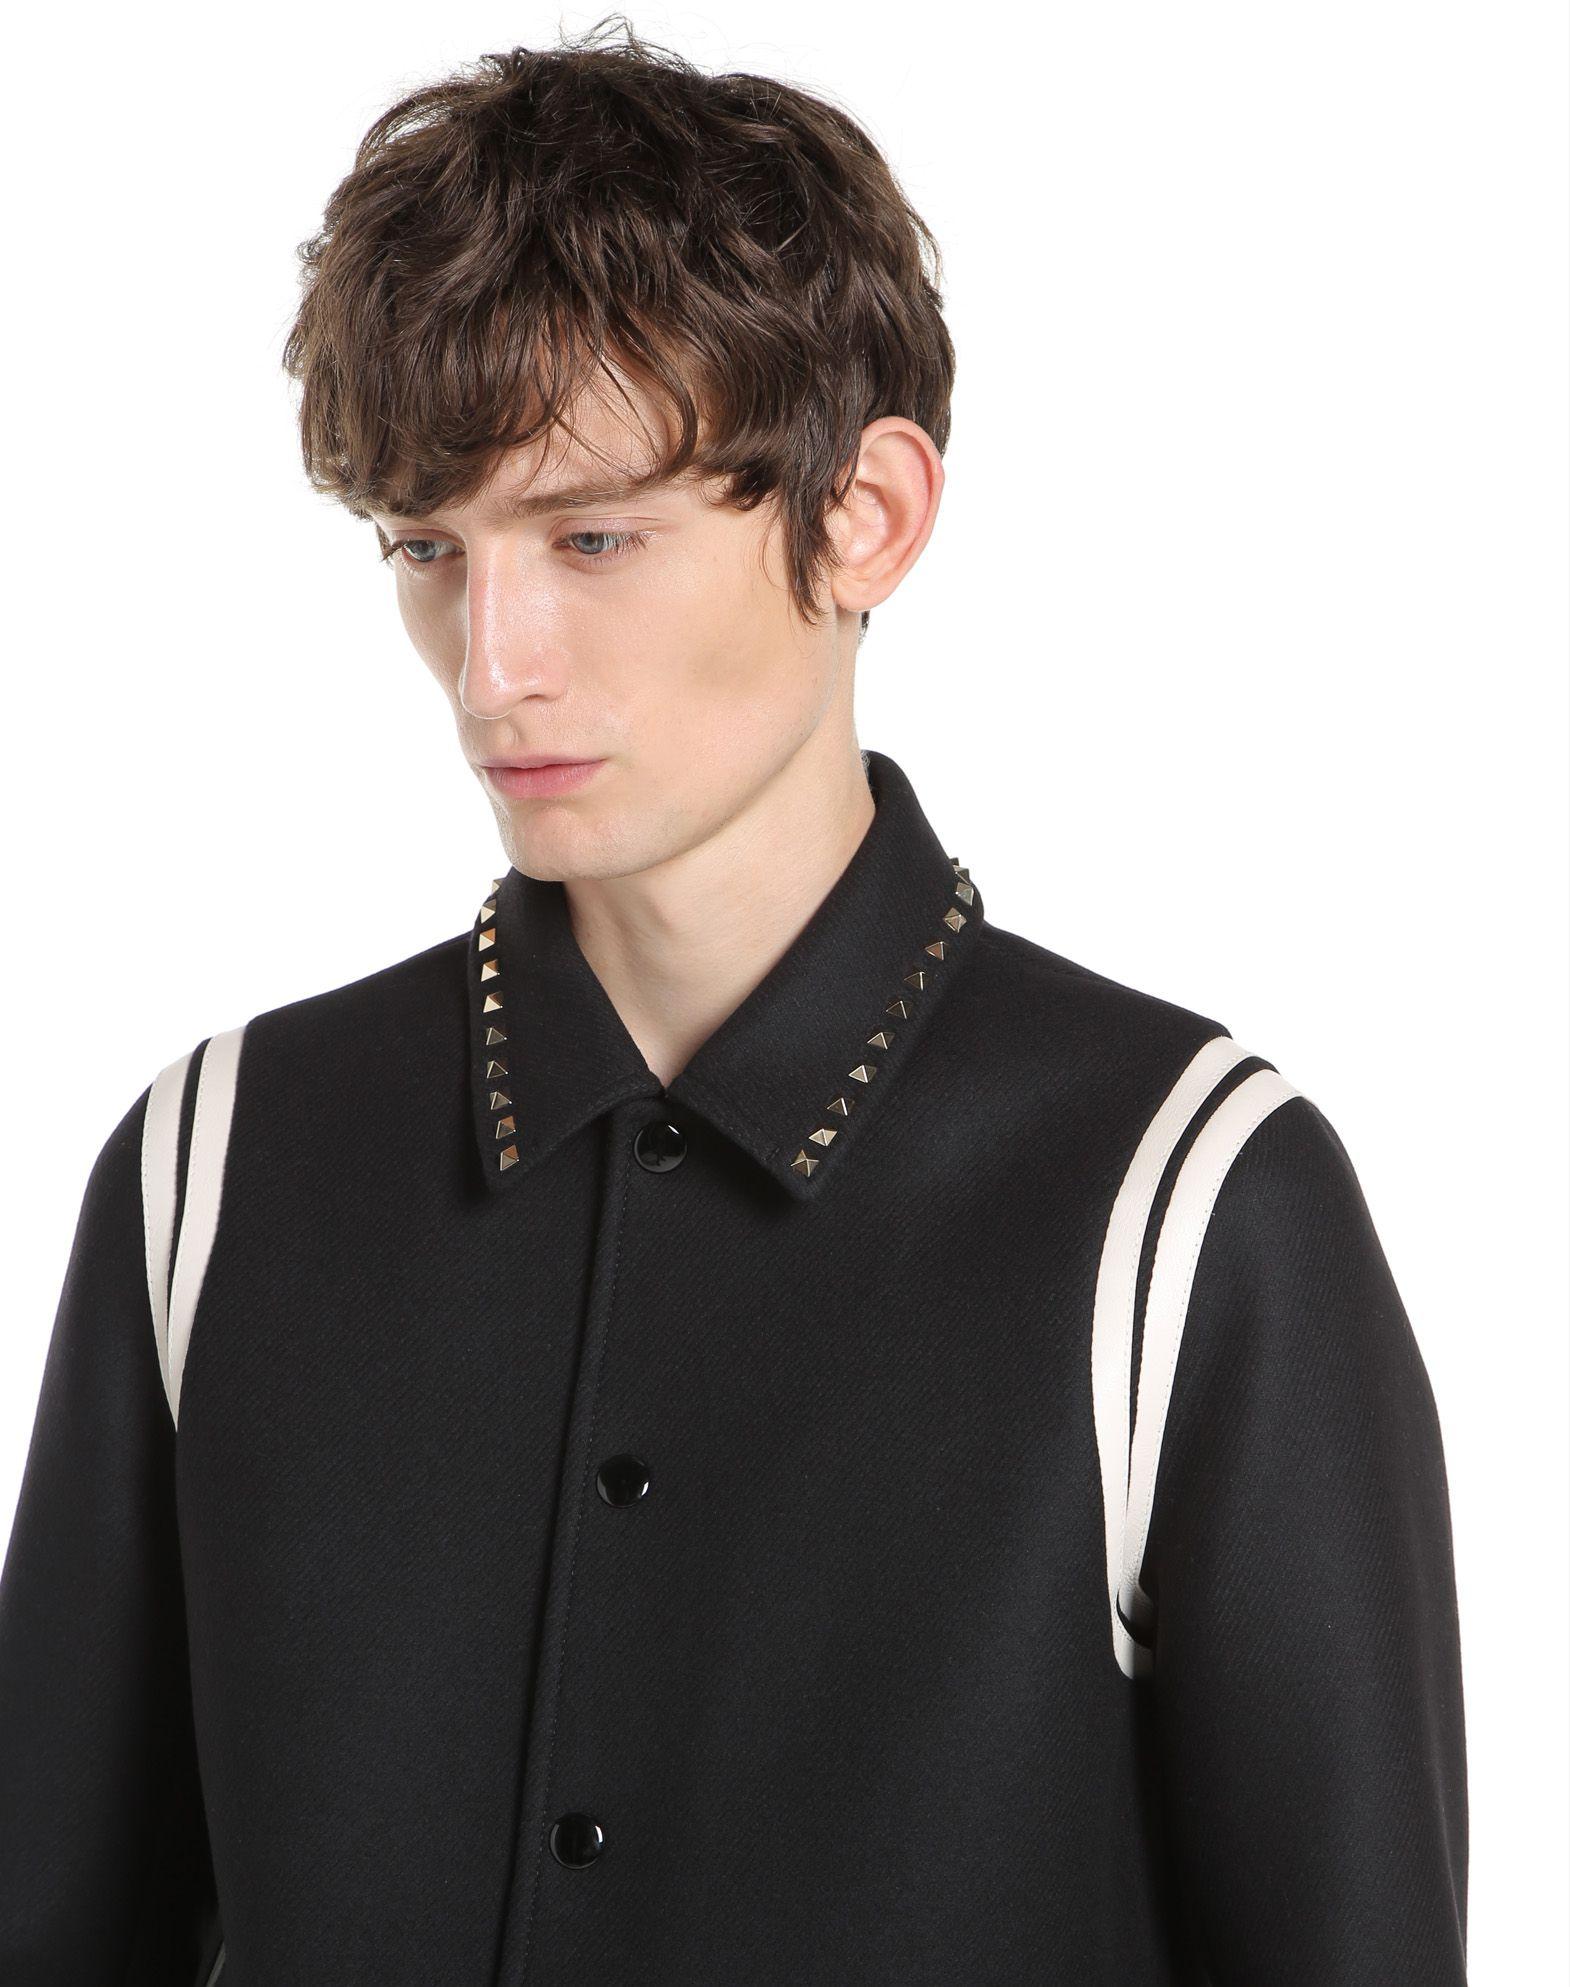 VALENTINO Rockstud Untitled Varsity Jacket JACKET U a